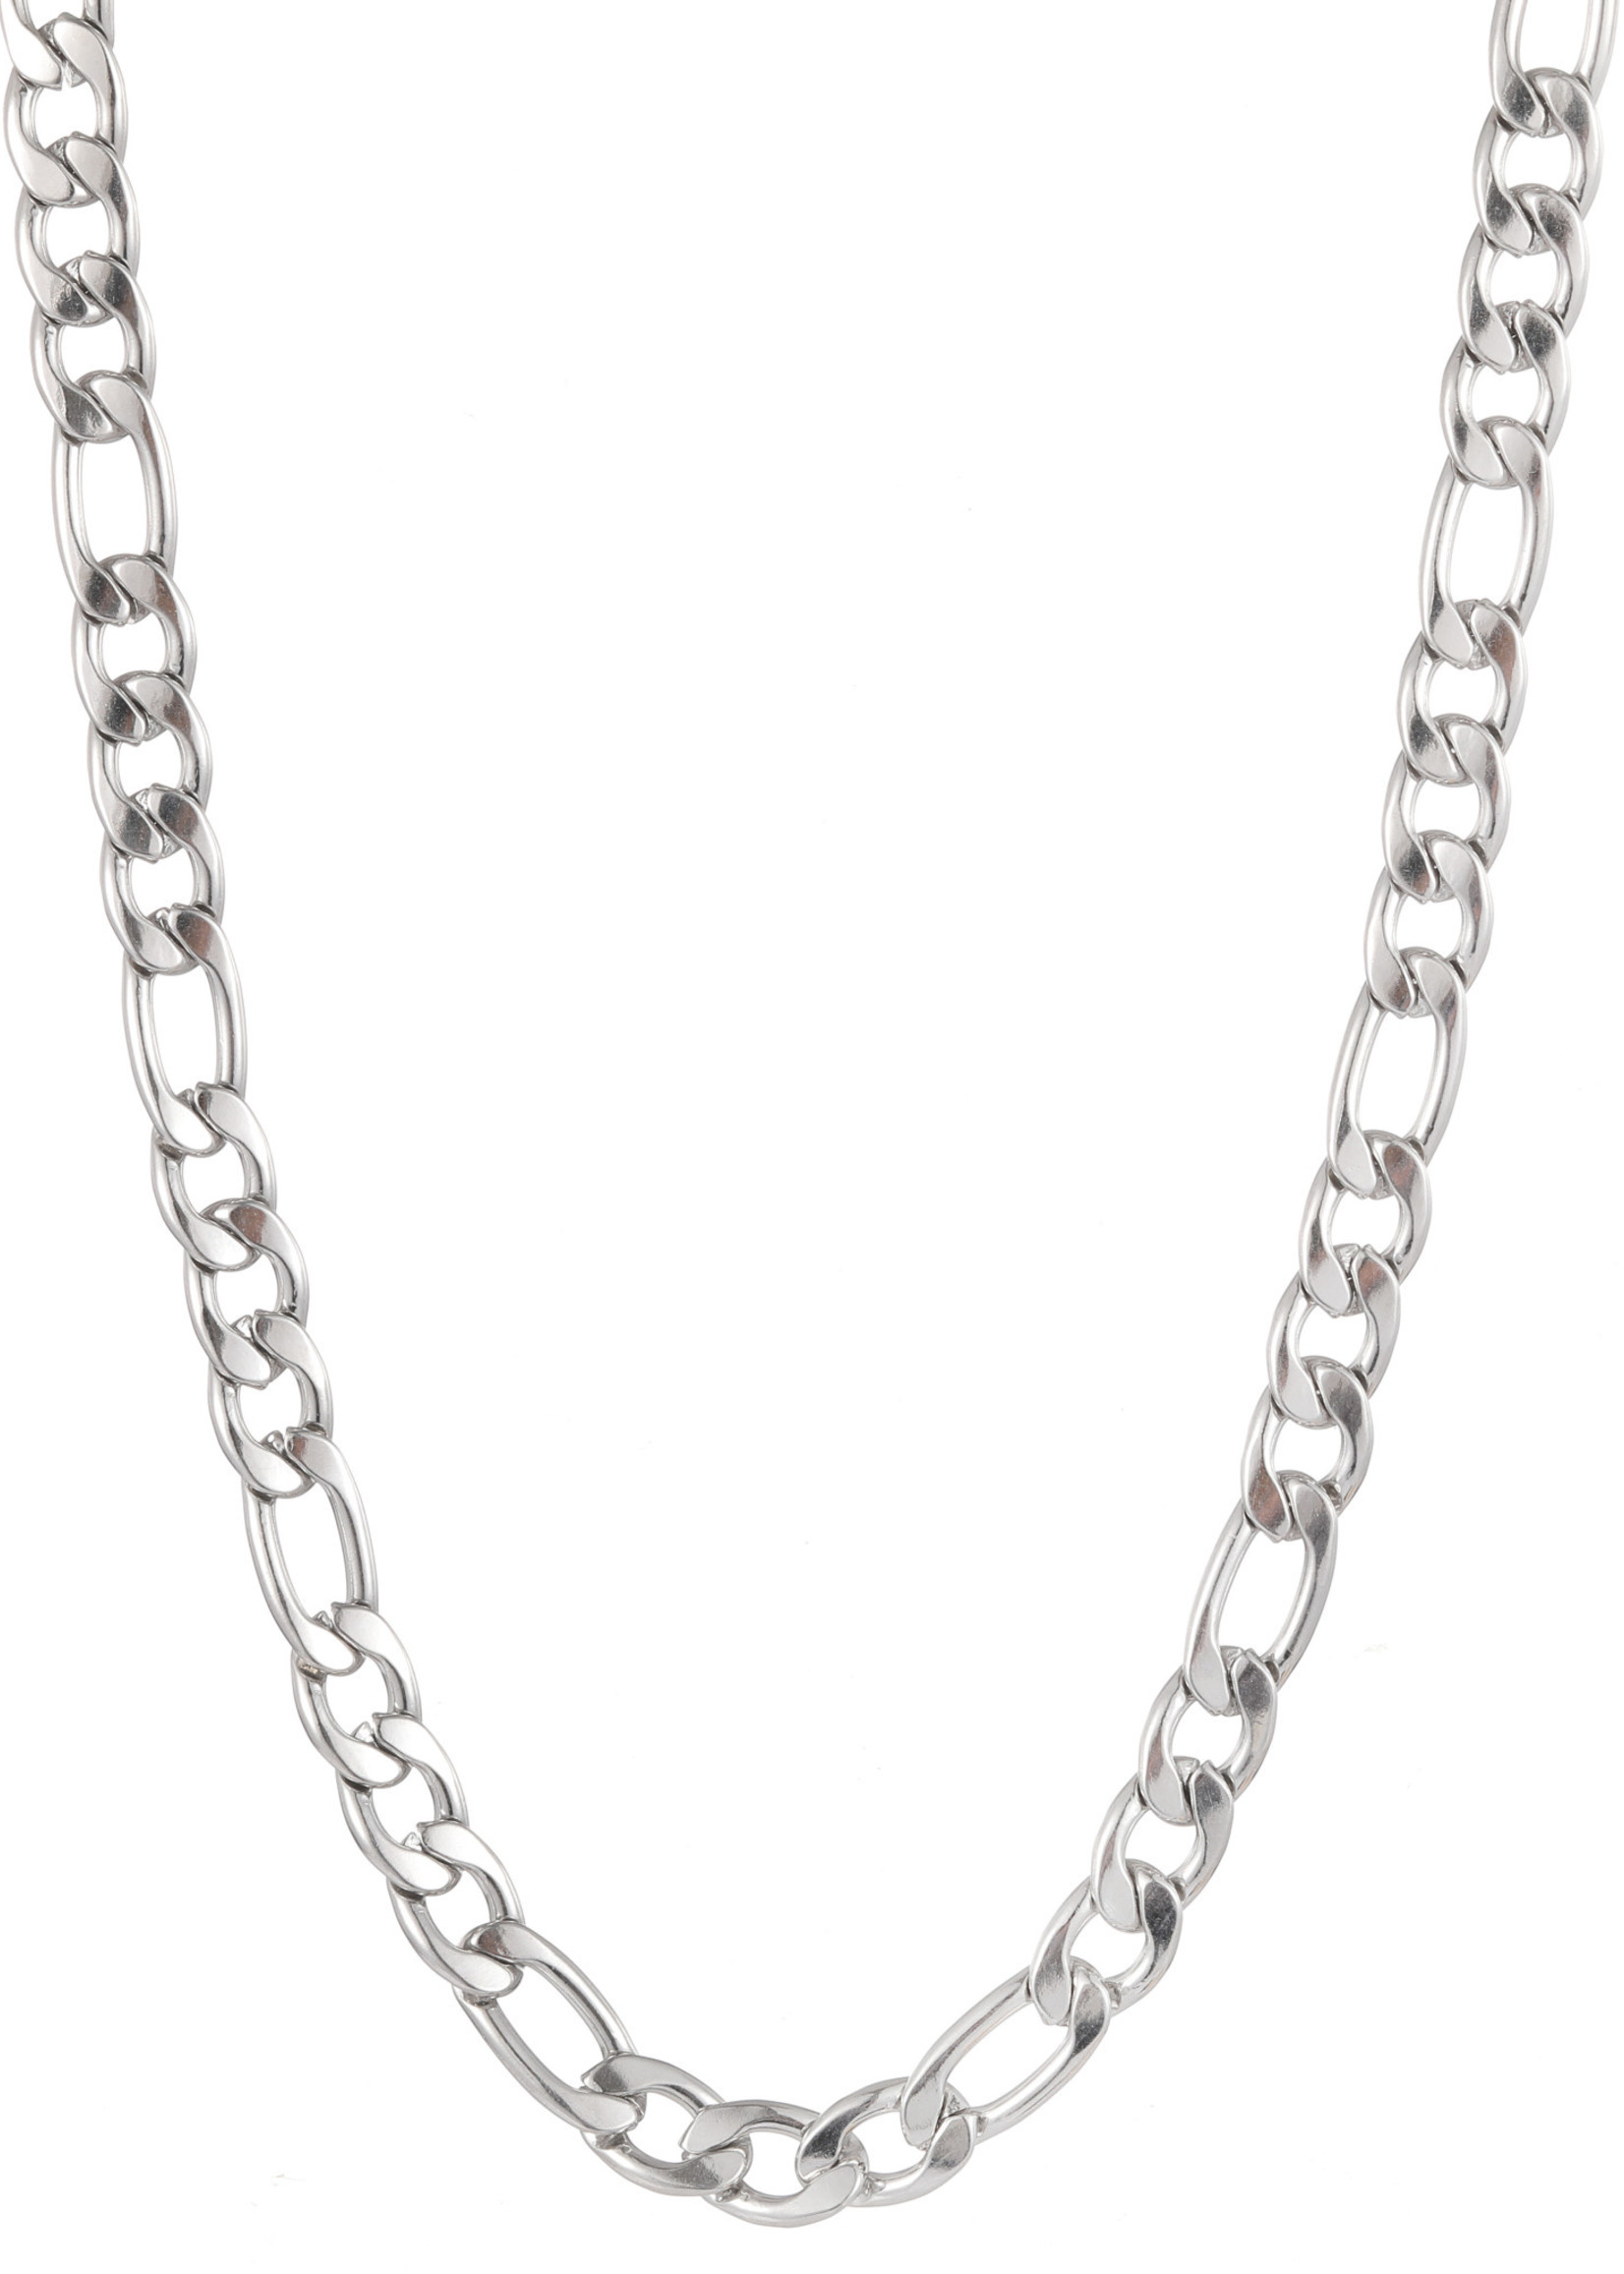 Ketting zilver met verschillende schakels N1856-1